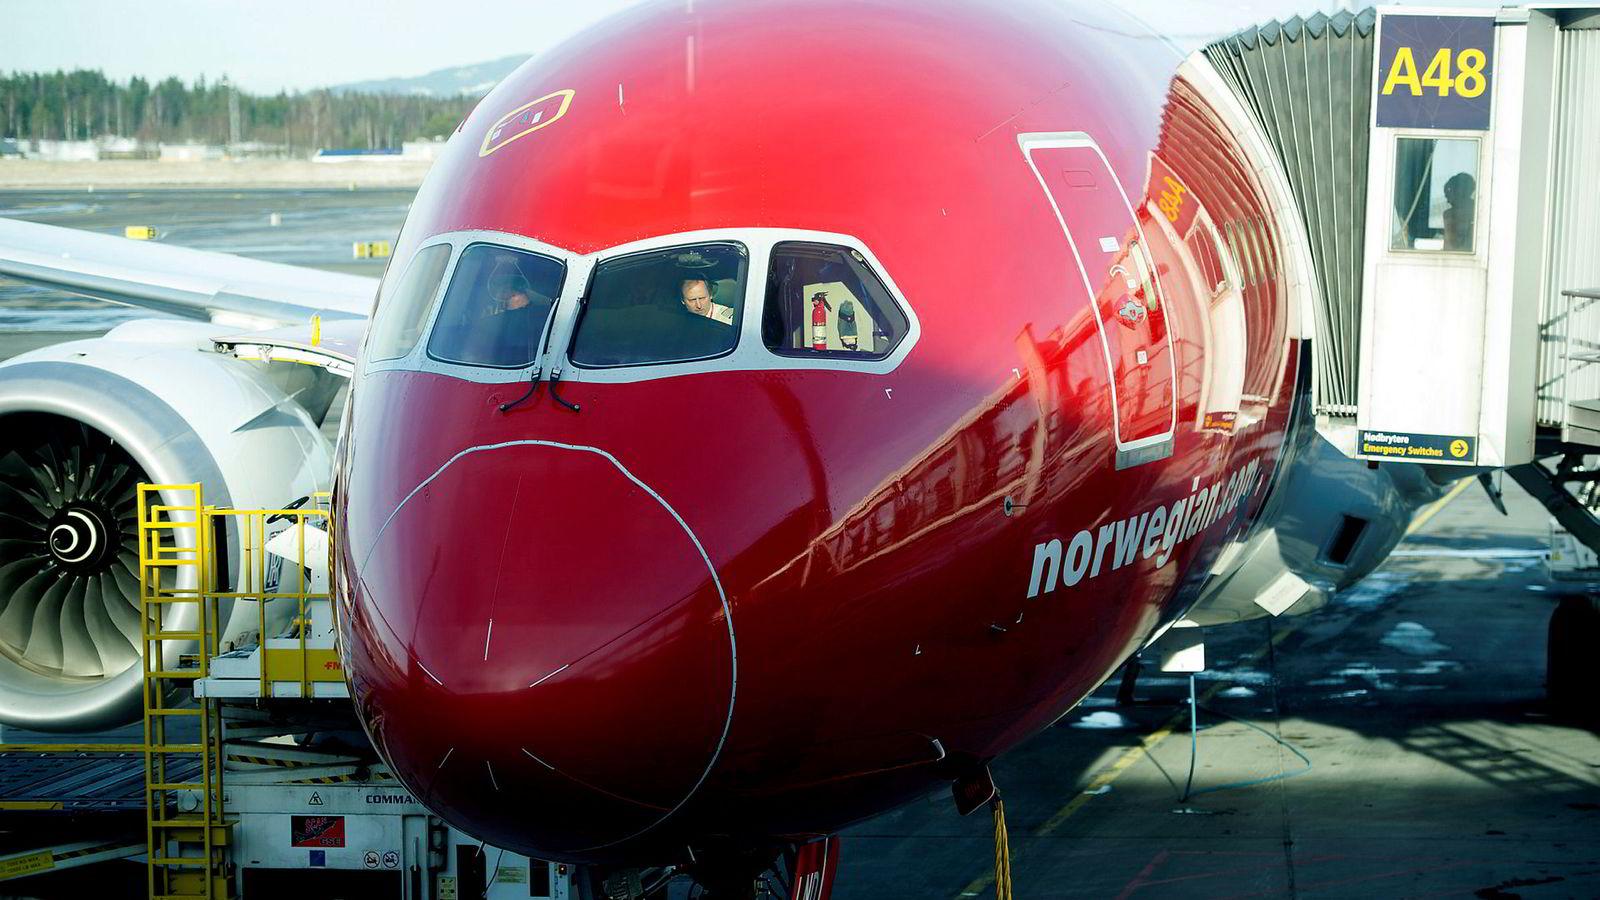 Norwegian-ledelsen hevder sin rett til å bestemme hvordan selskapet skal organiseres